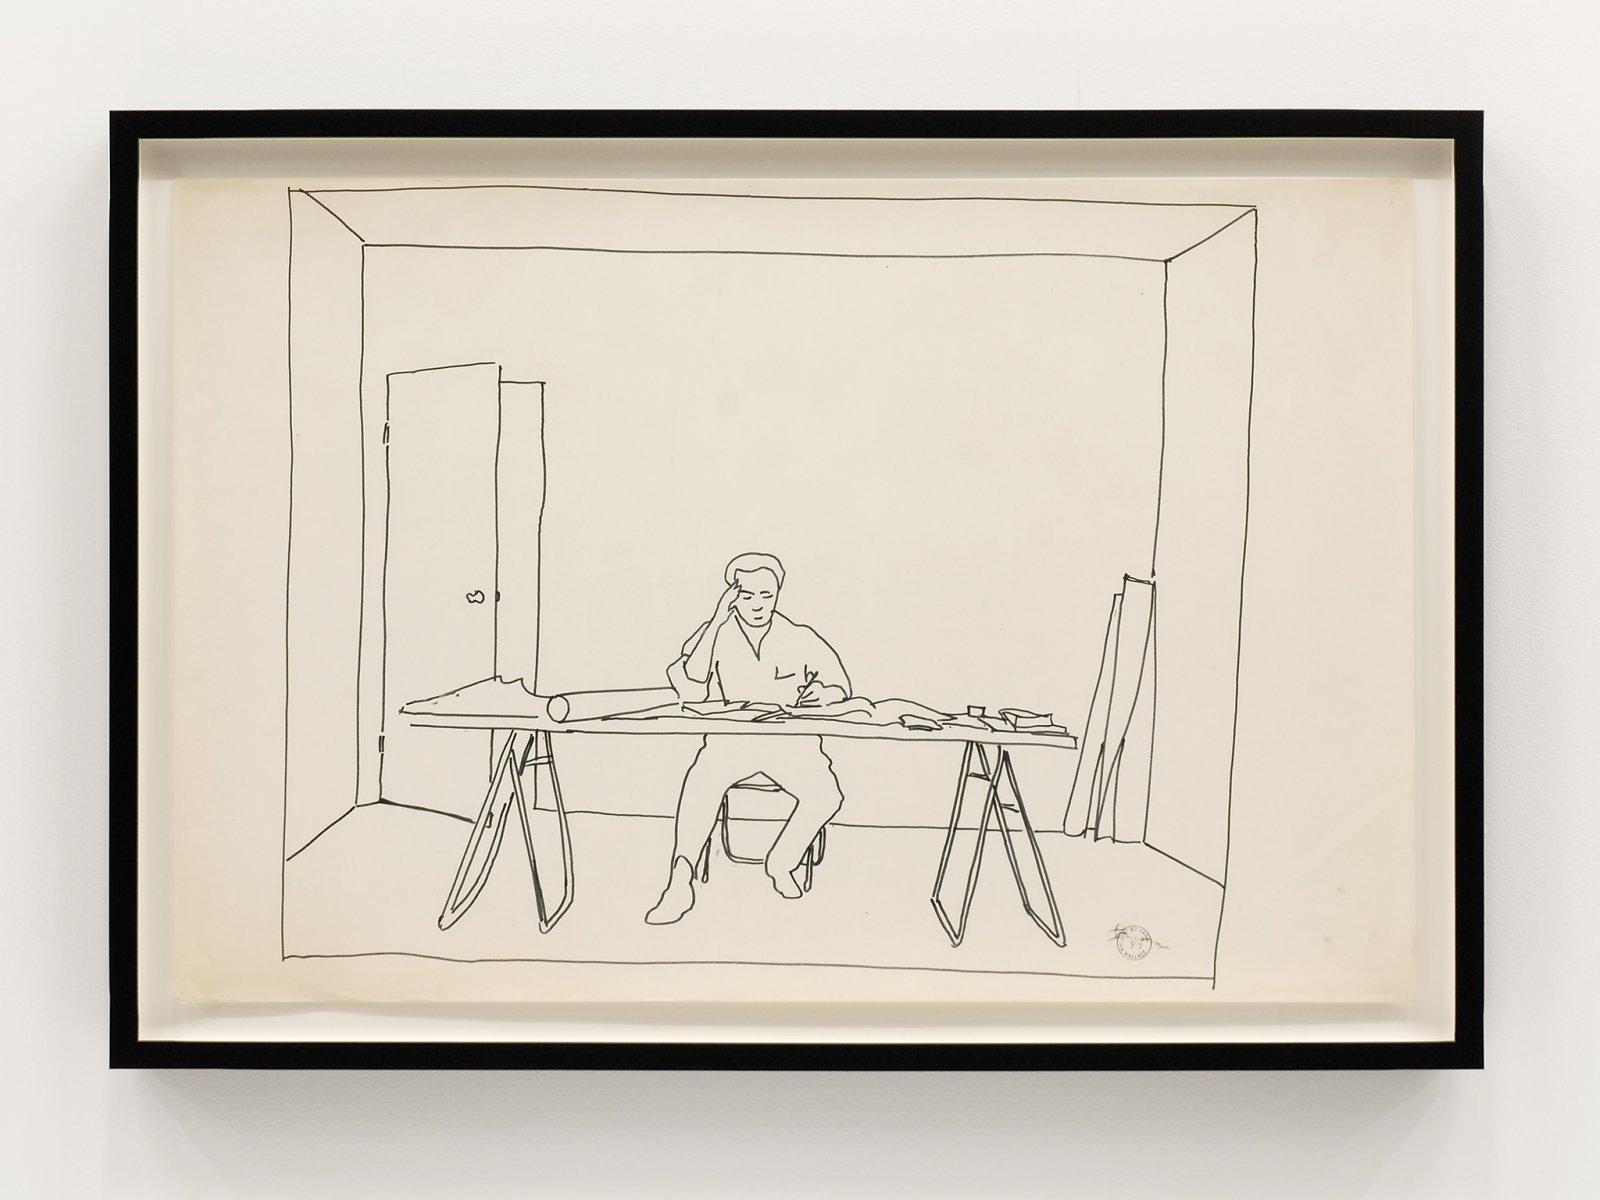 Ian Wallace, At Work 1983, 1983, felt pen on mylar, 22 x 34 in. (56 x 86 cm) by Ian Wallace